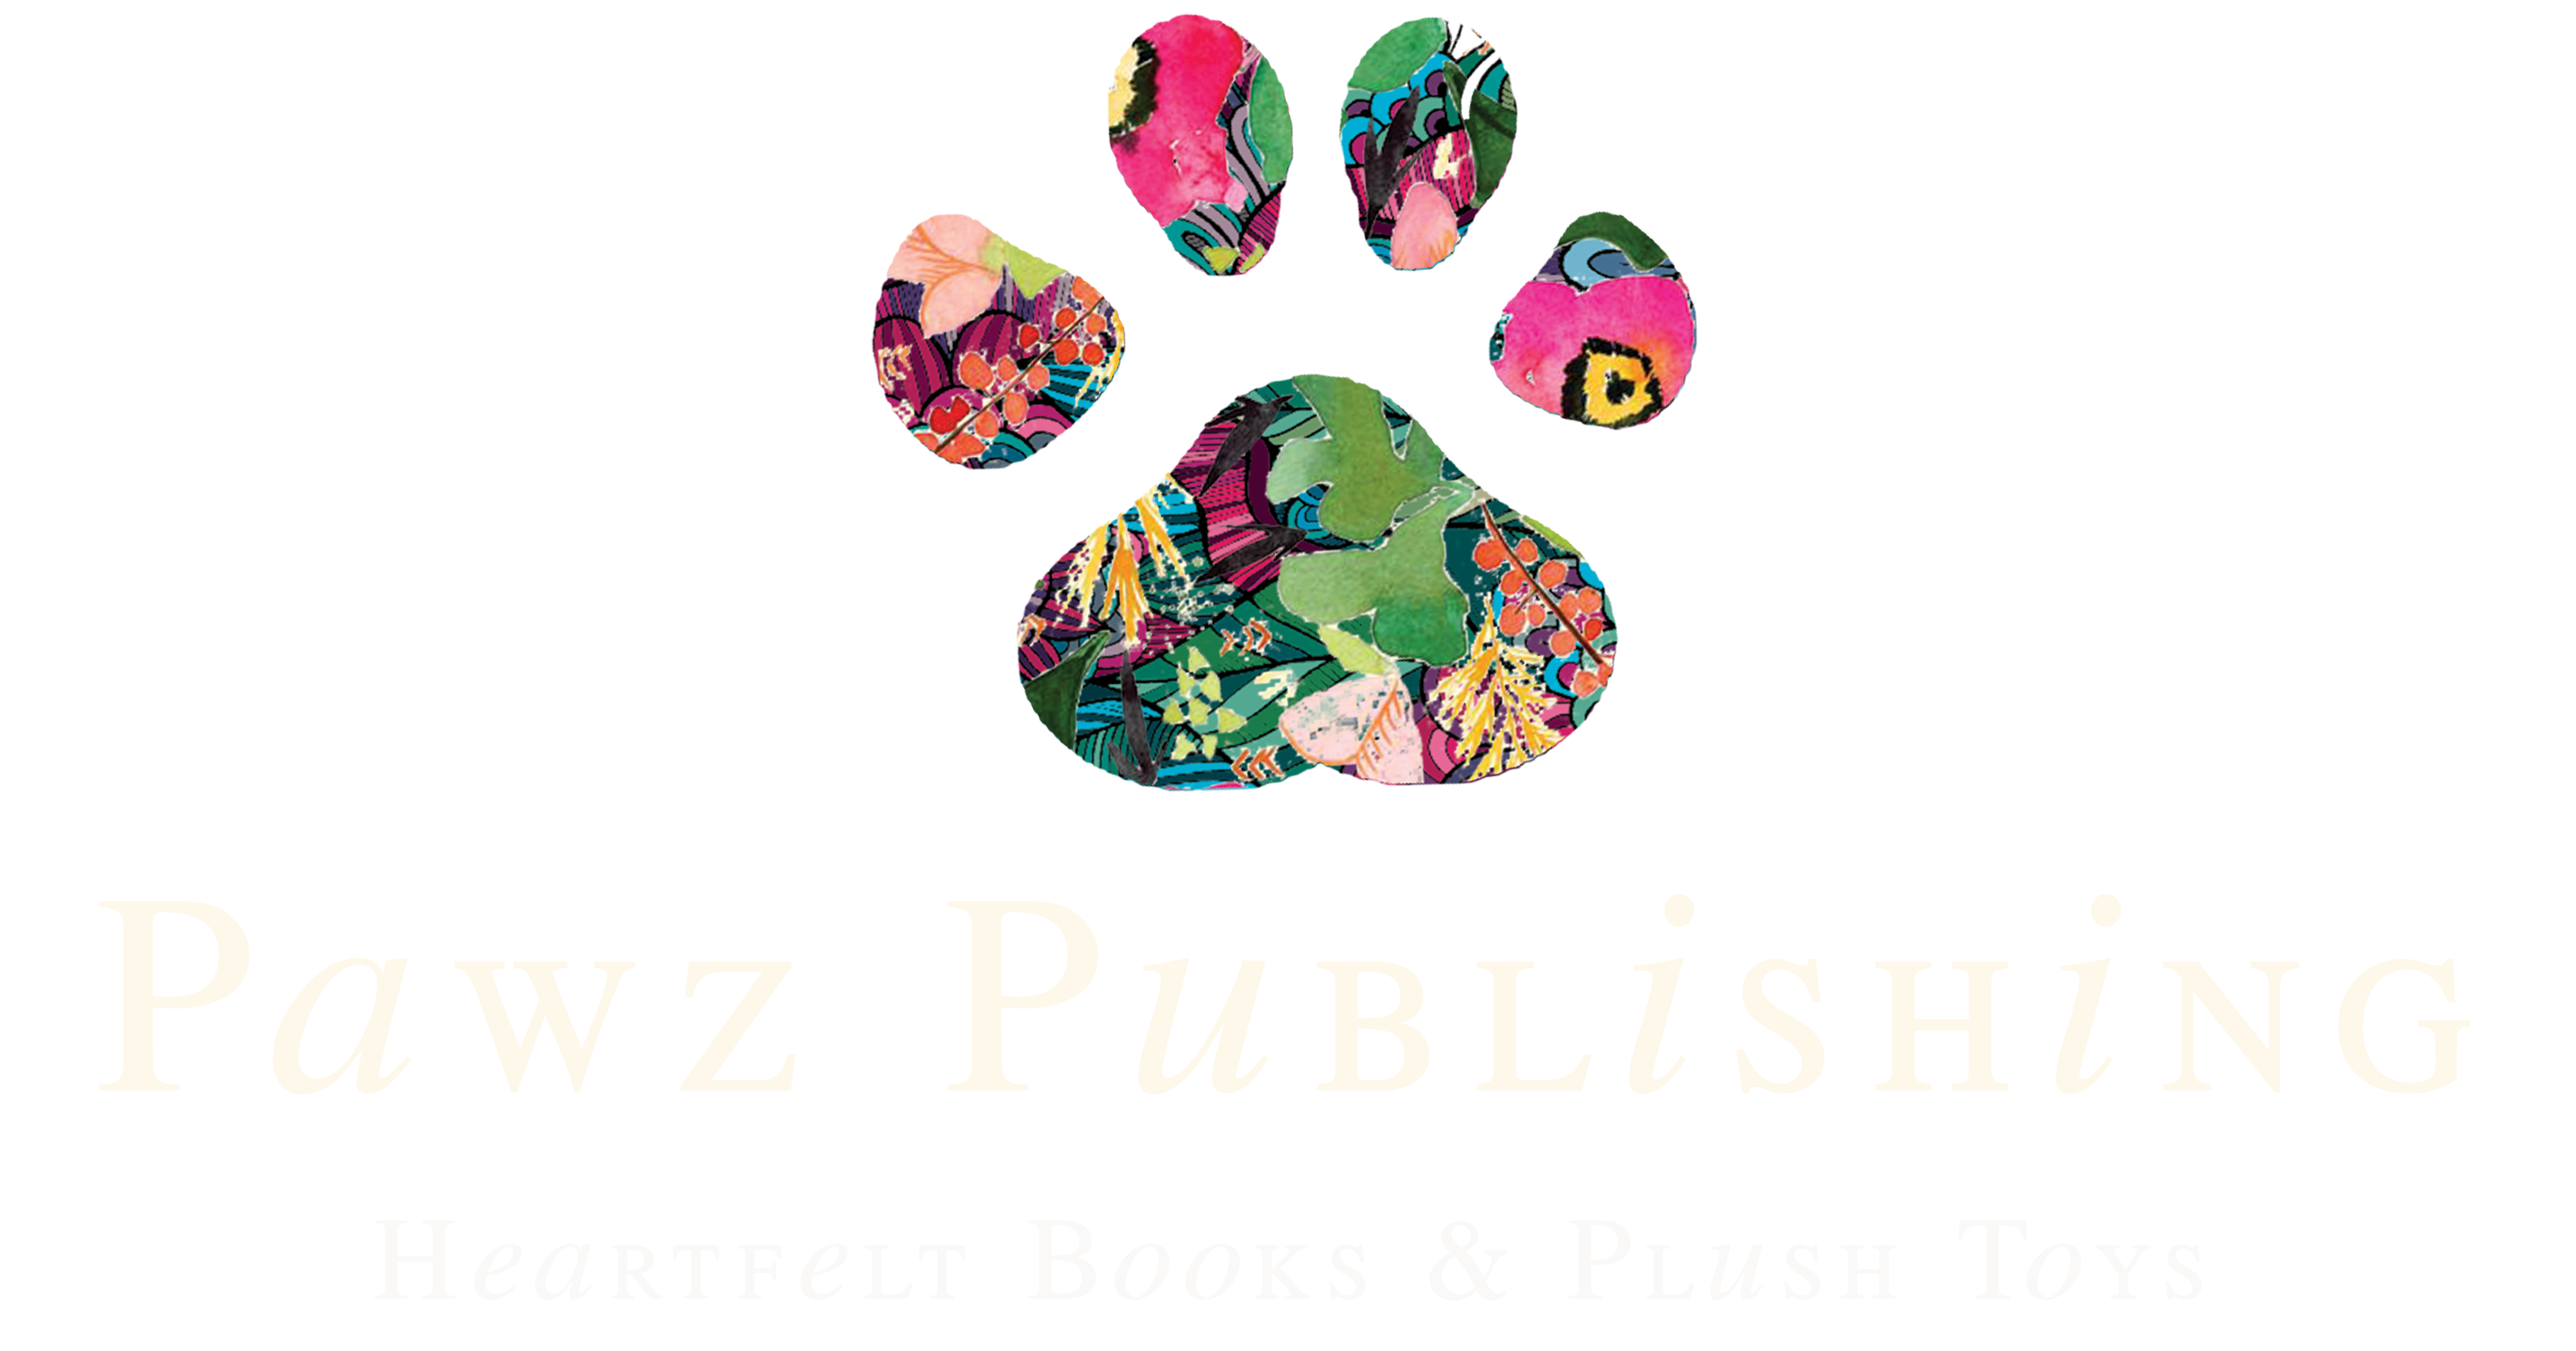 PAWZ PUBLISHING